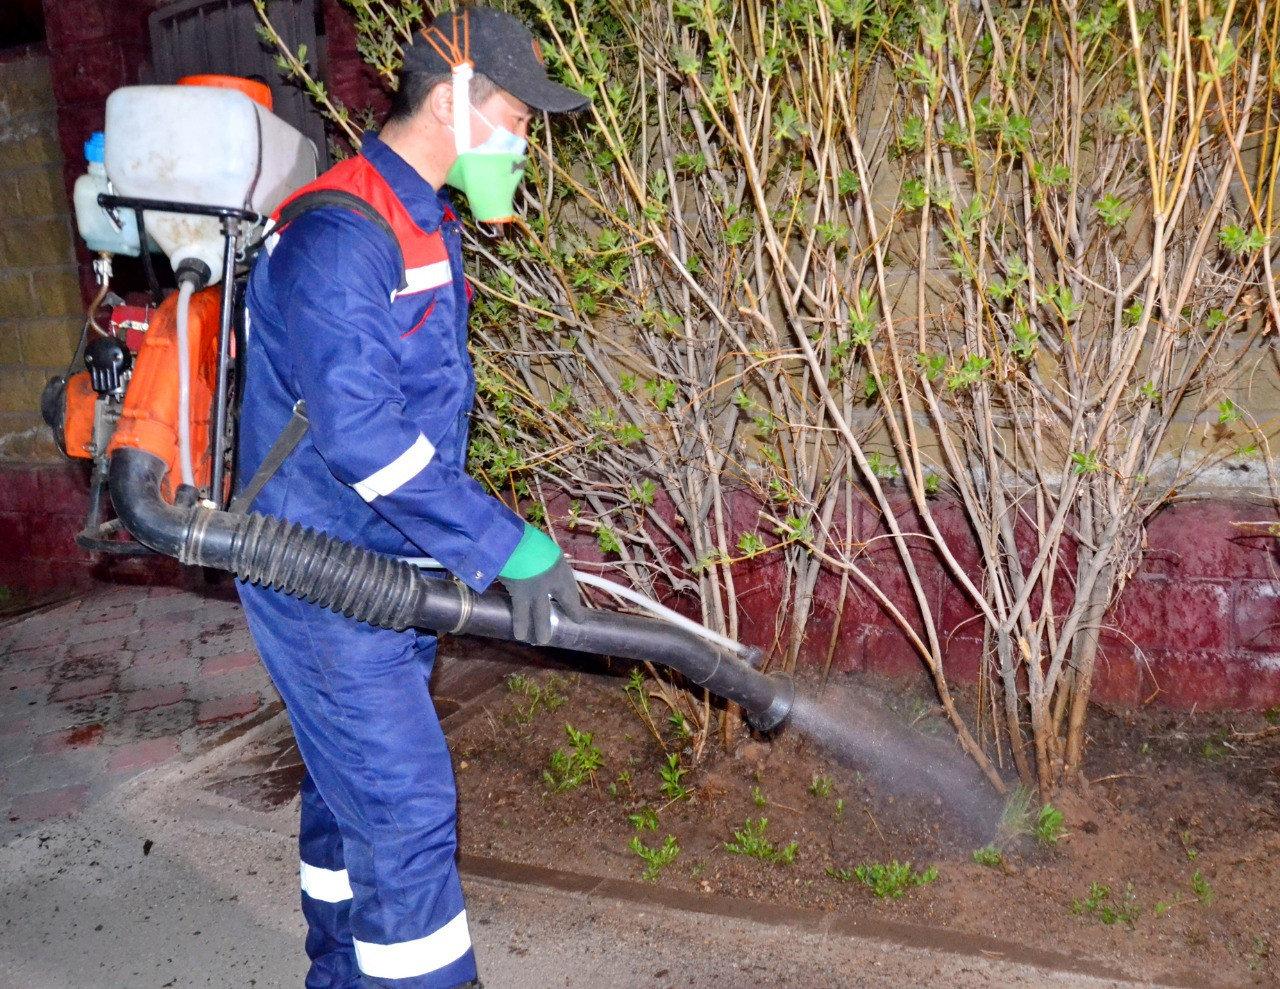 Дезинсекционные работы против комаров продолжаются в Нур-Султане, фото-3